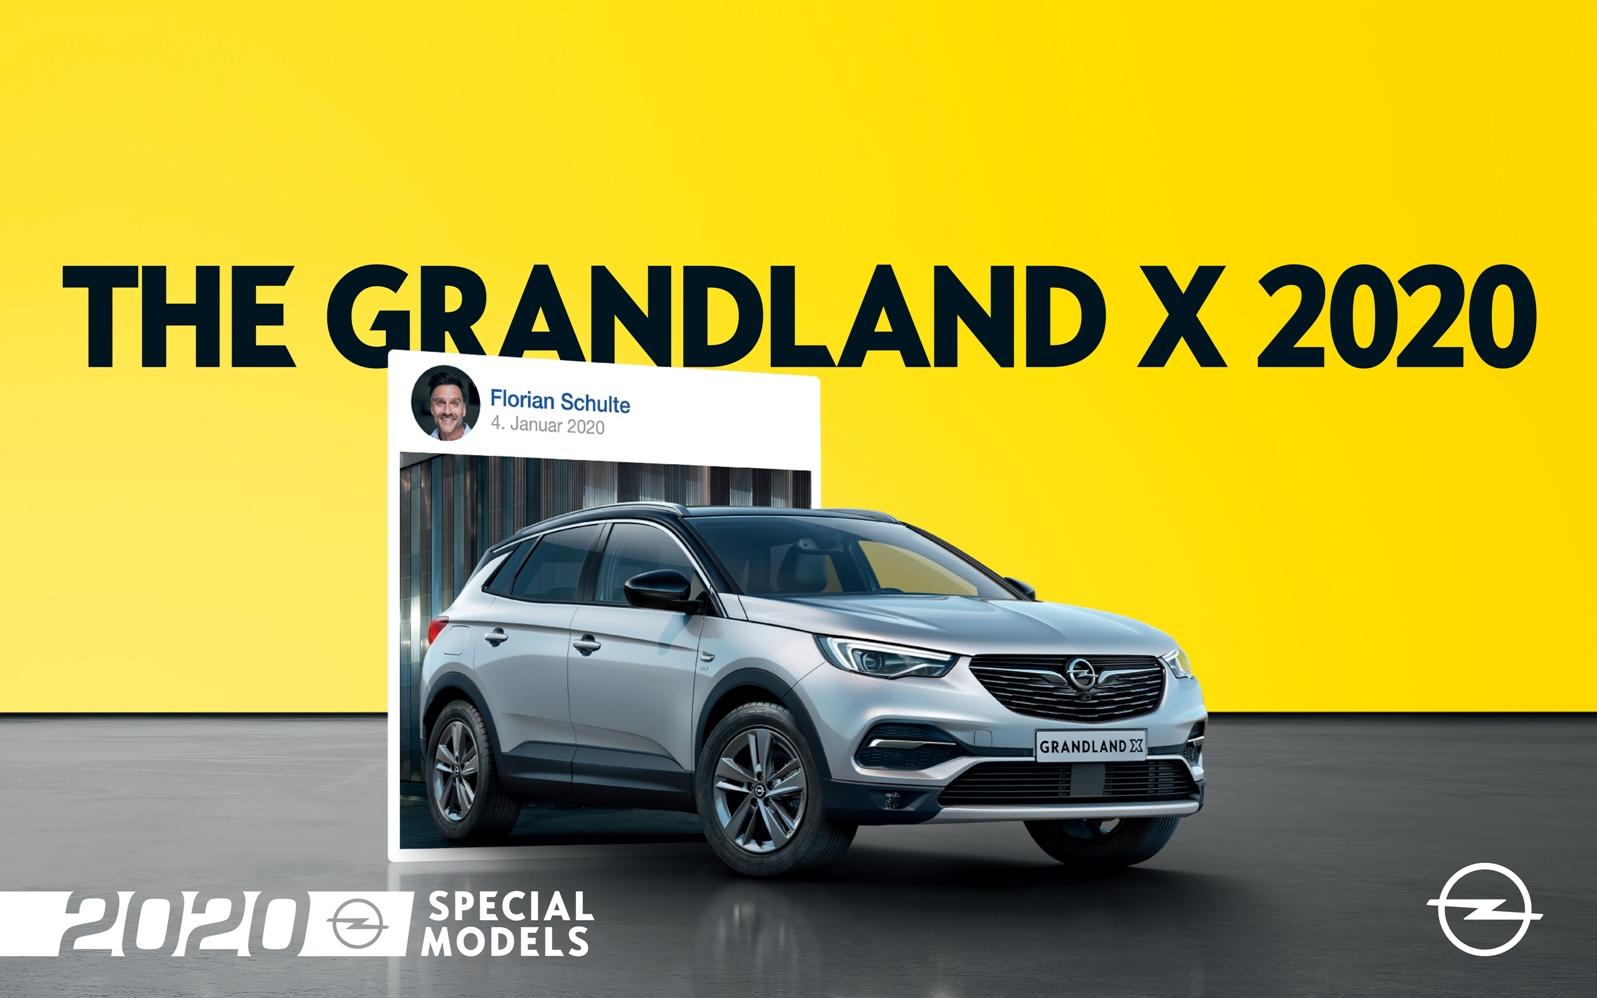 Opel Grandland X 2020 Special Models